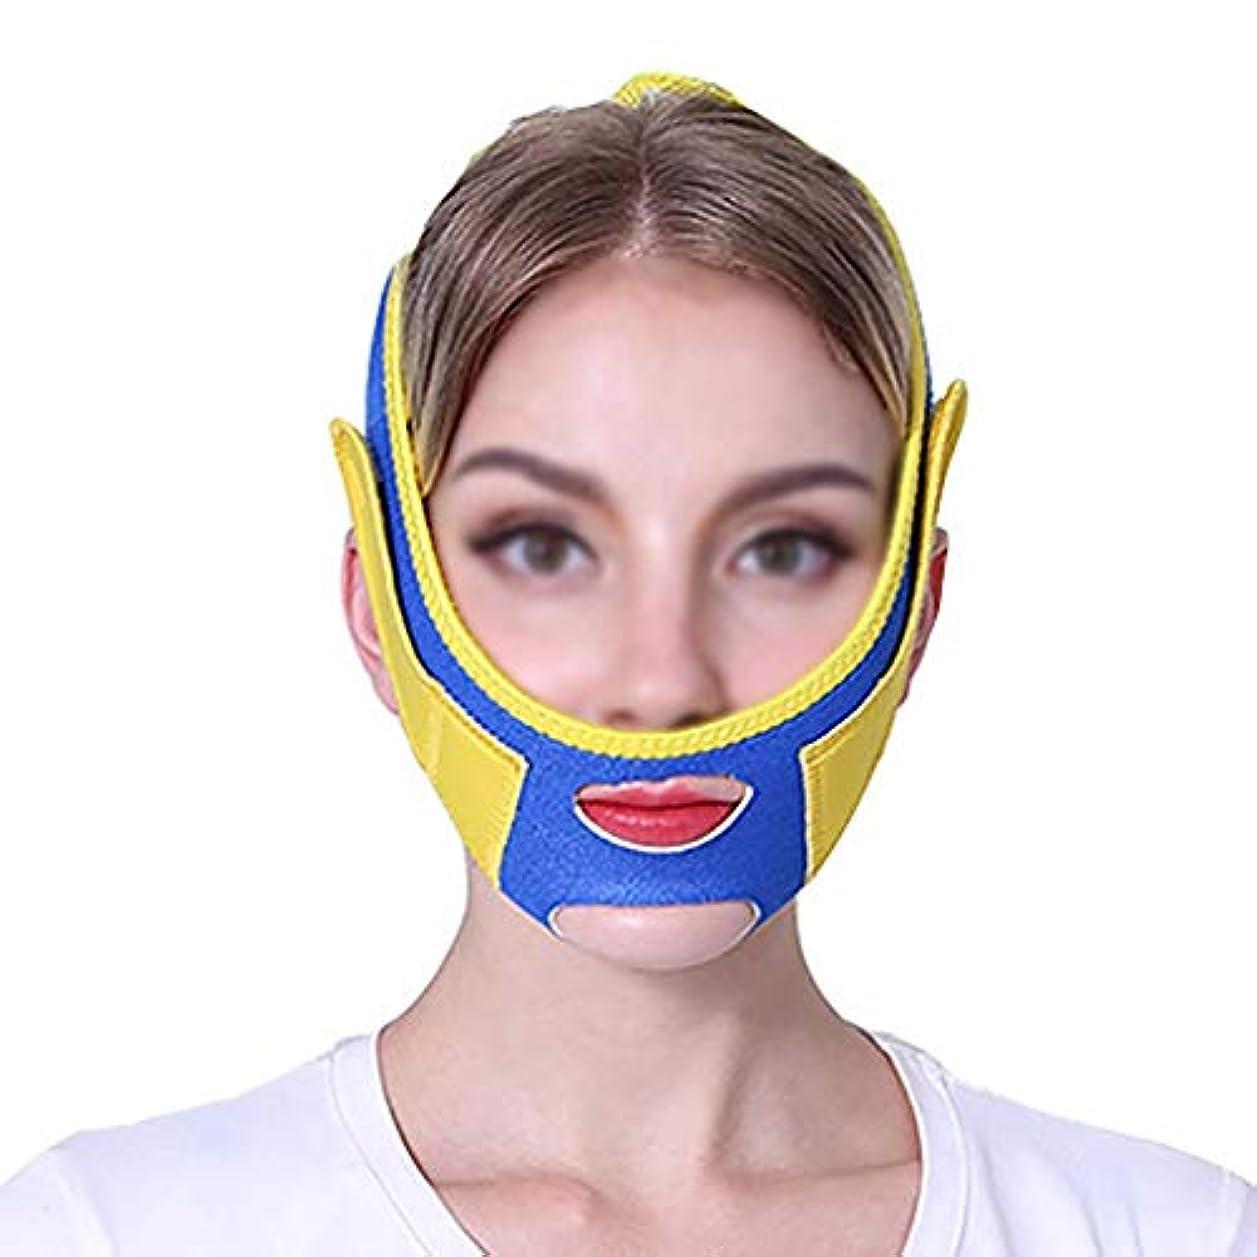 冊子無視する撤退ファーミングフェイスマスク、スモールVフェイスアーティファクトリフティングマスクフェイスリフティングフェイスメロンフェイスリフティングフェイスマスクファーミングクリームフェイスリフティング包帯